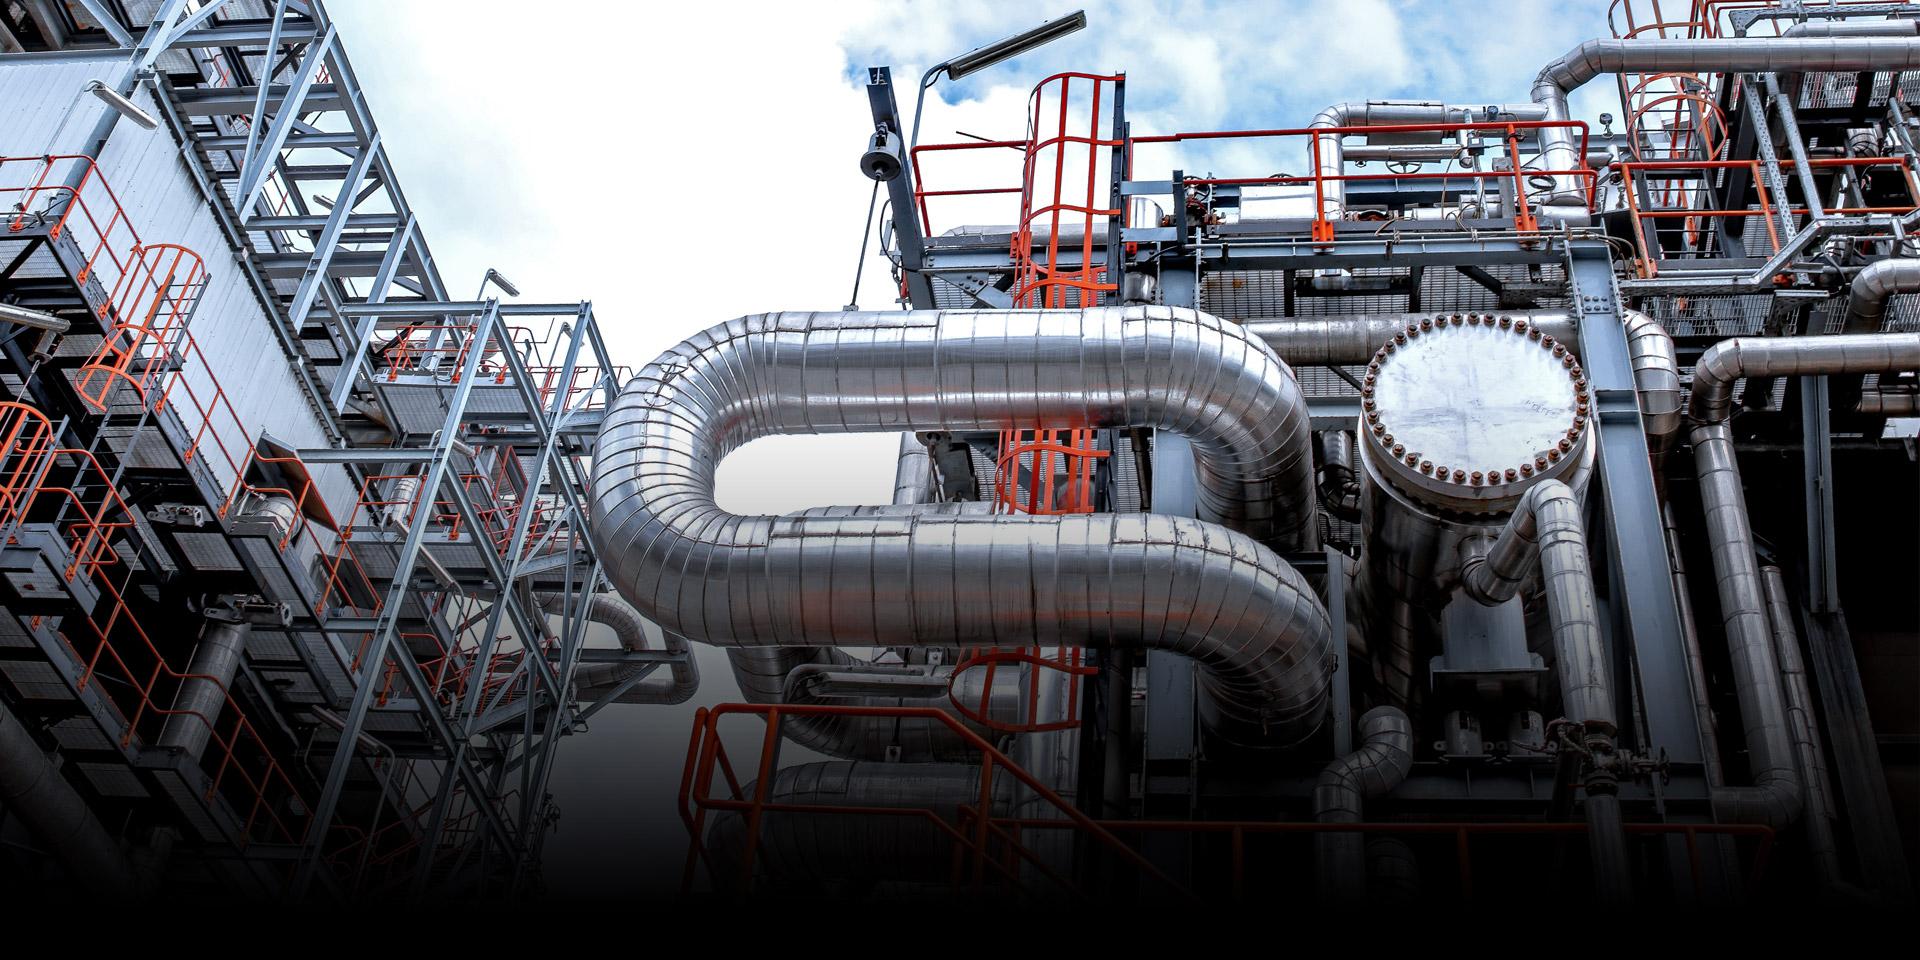 艾睿光电红外热成像仪应用于石化冶金